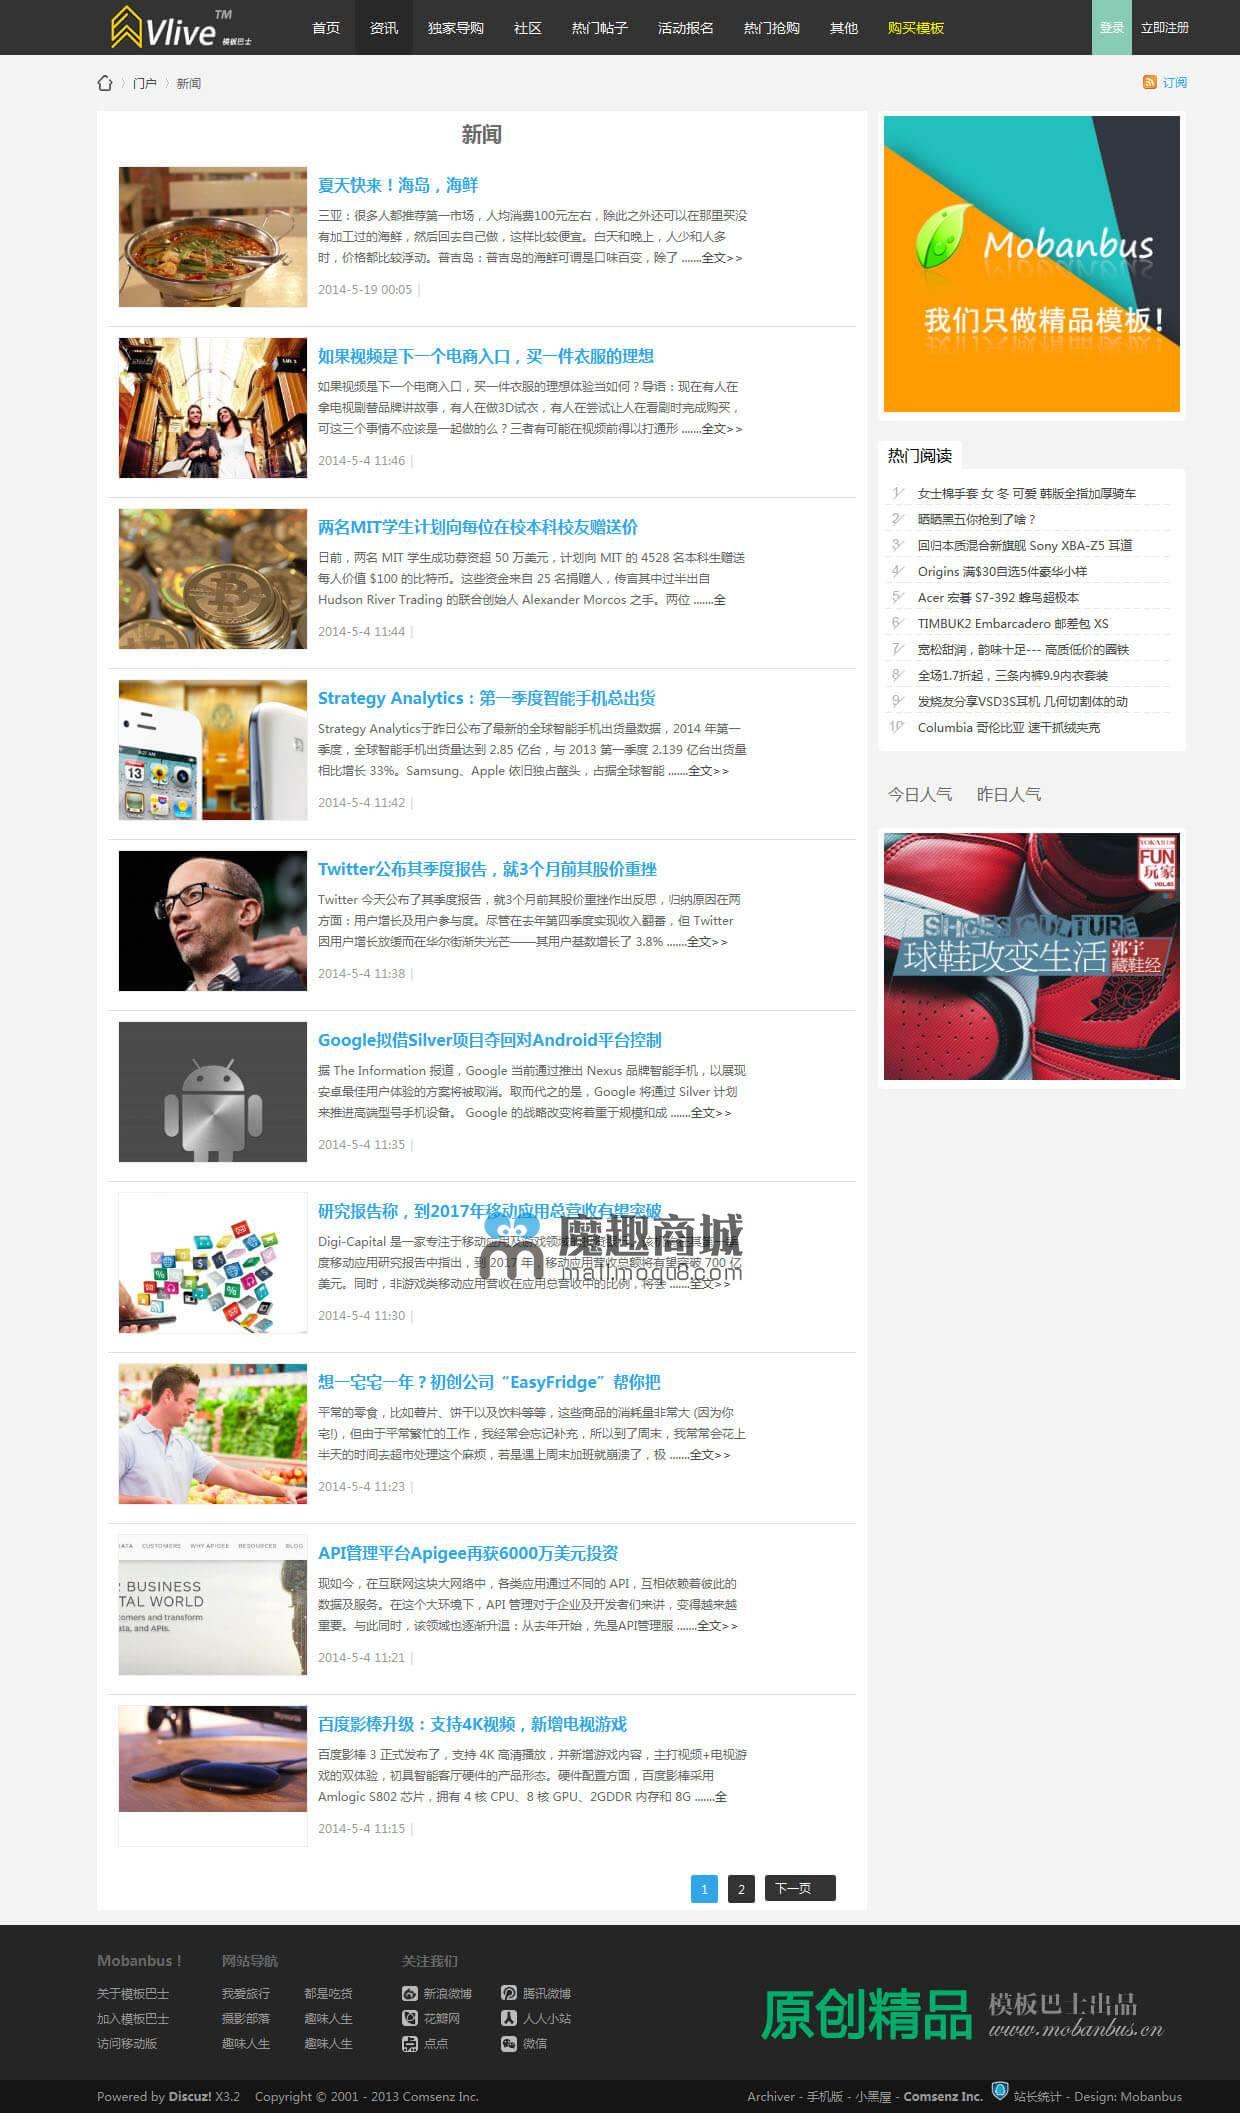 魔趣微生活都市风格资讯媒体门户模版